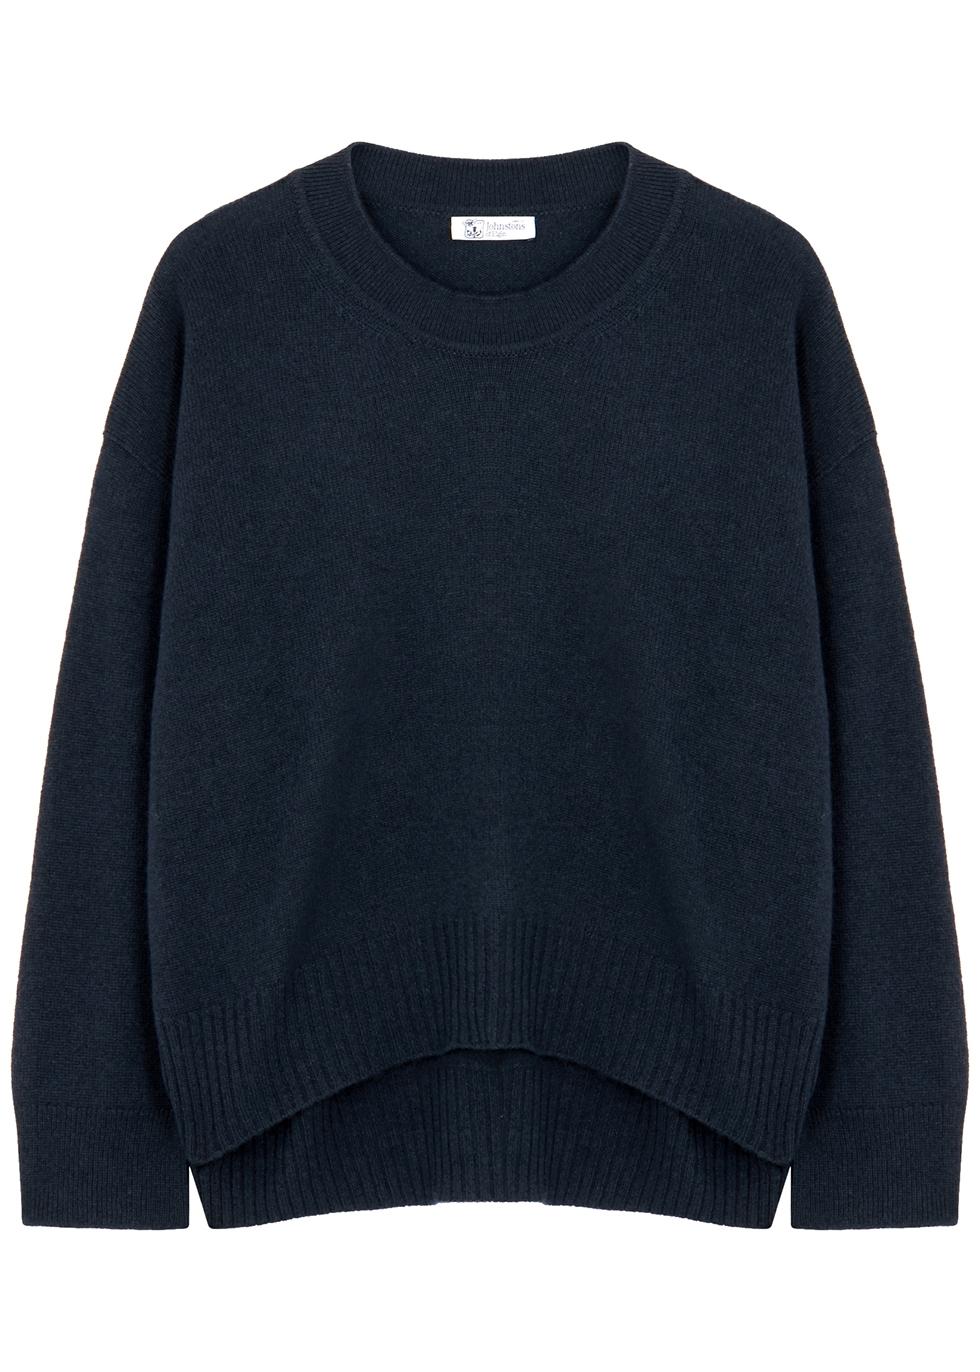 Navy cashmere jumper